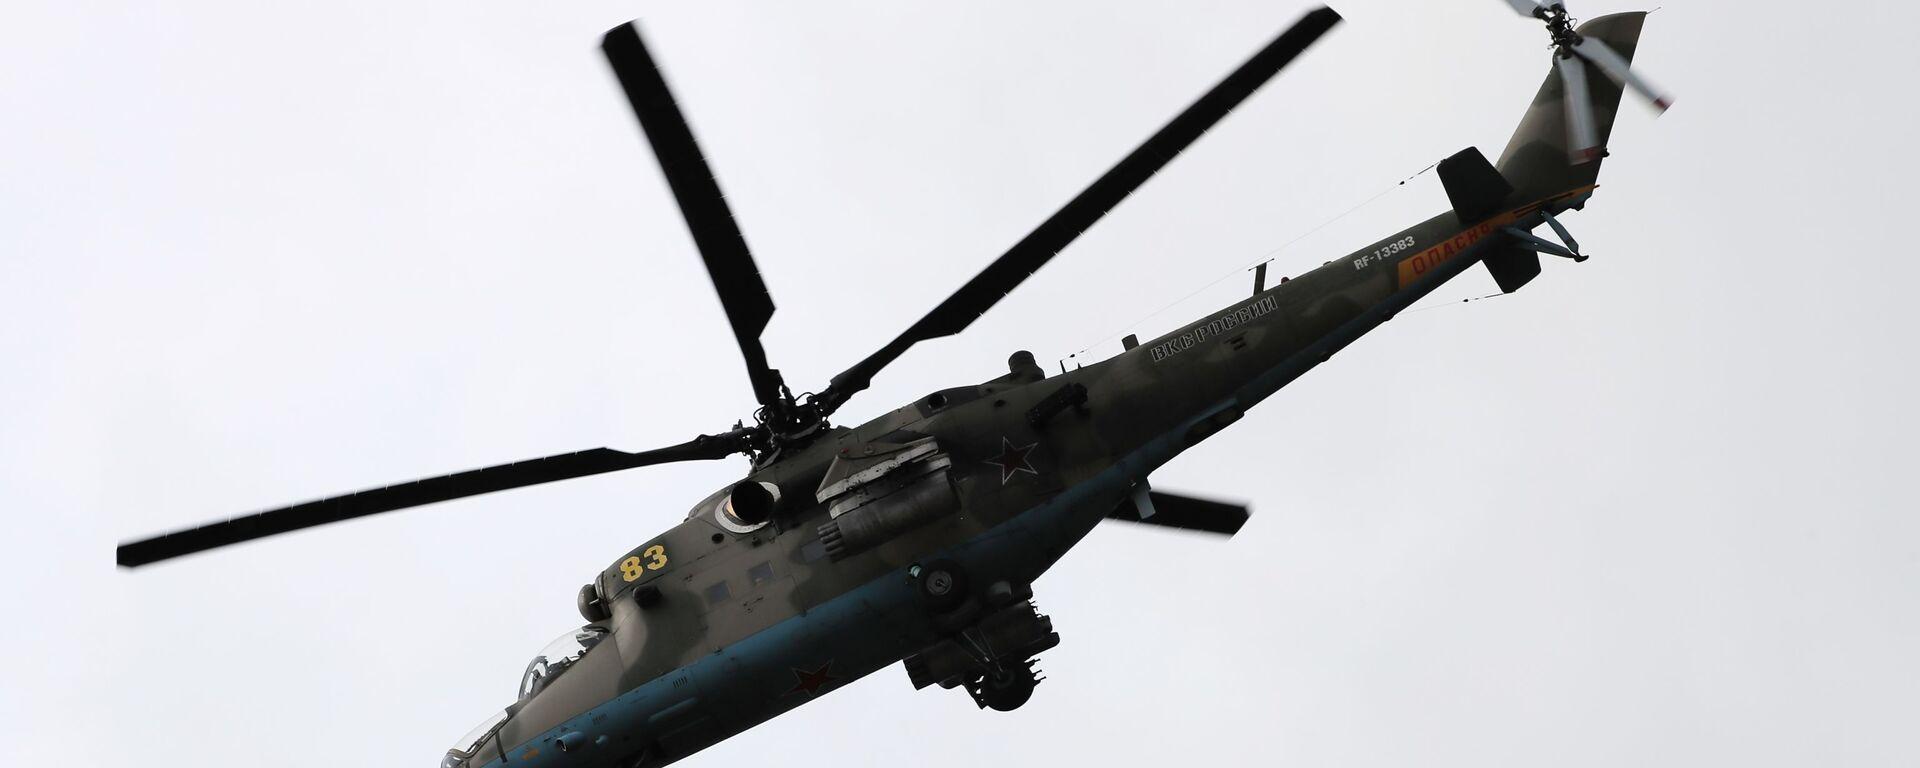 Ударный вертолет Ми-35 в ходе демонстрационной программы военной техники в рамках Международного форума Армия-2020 на полигоне Алабино в Подмосковье - Sputnik Узбекистан, 1920, 31.03.2021